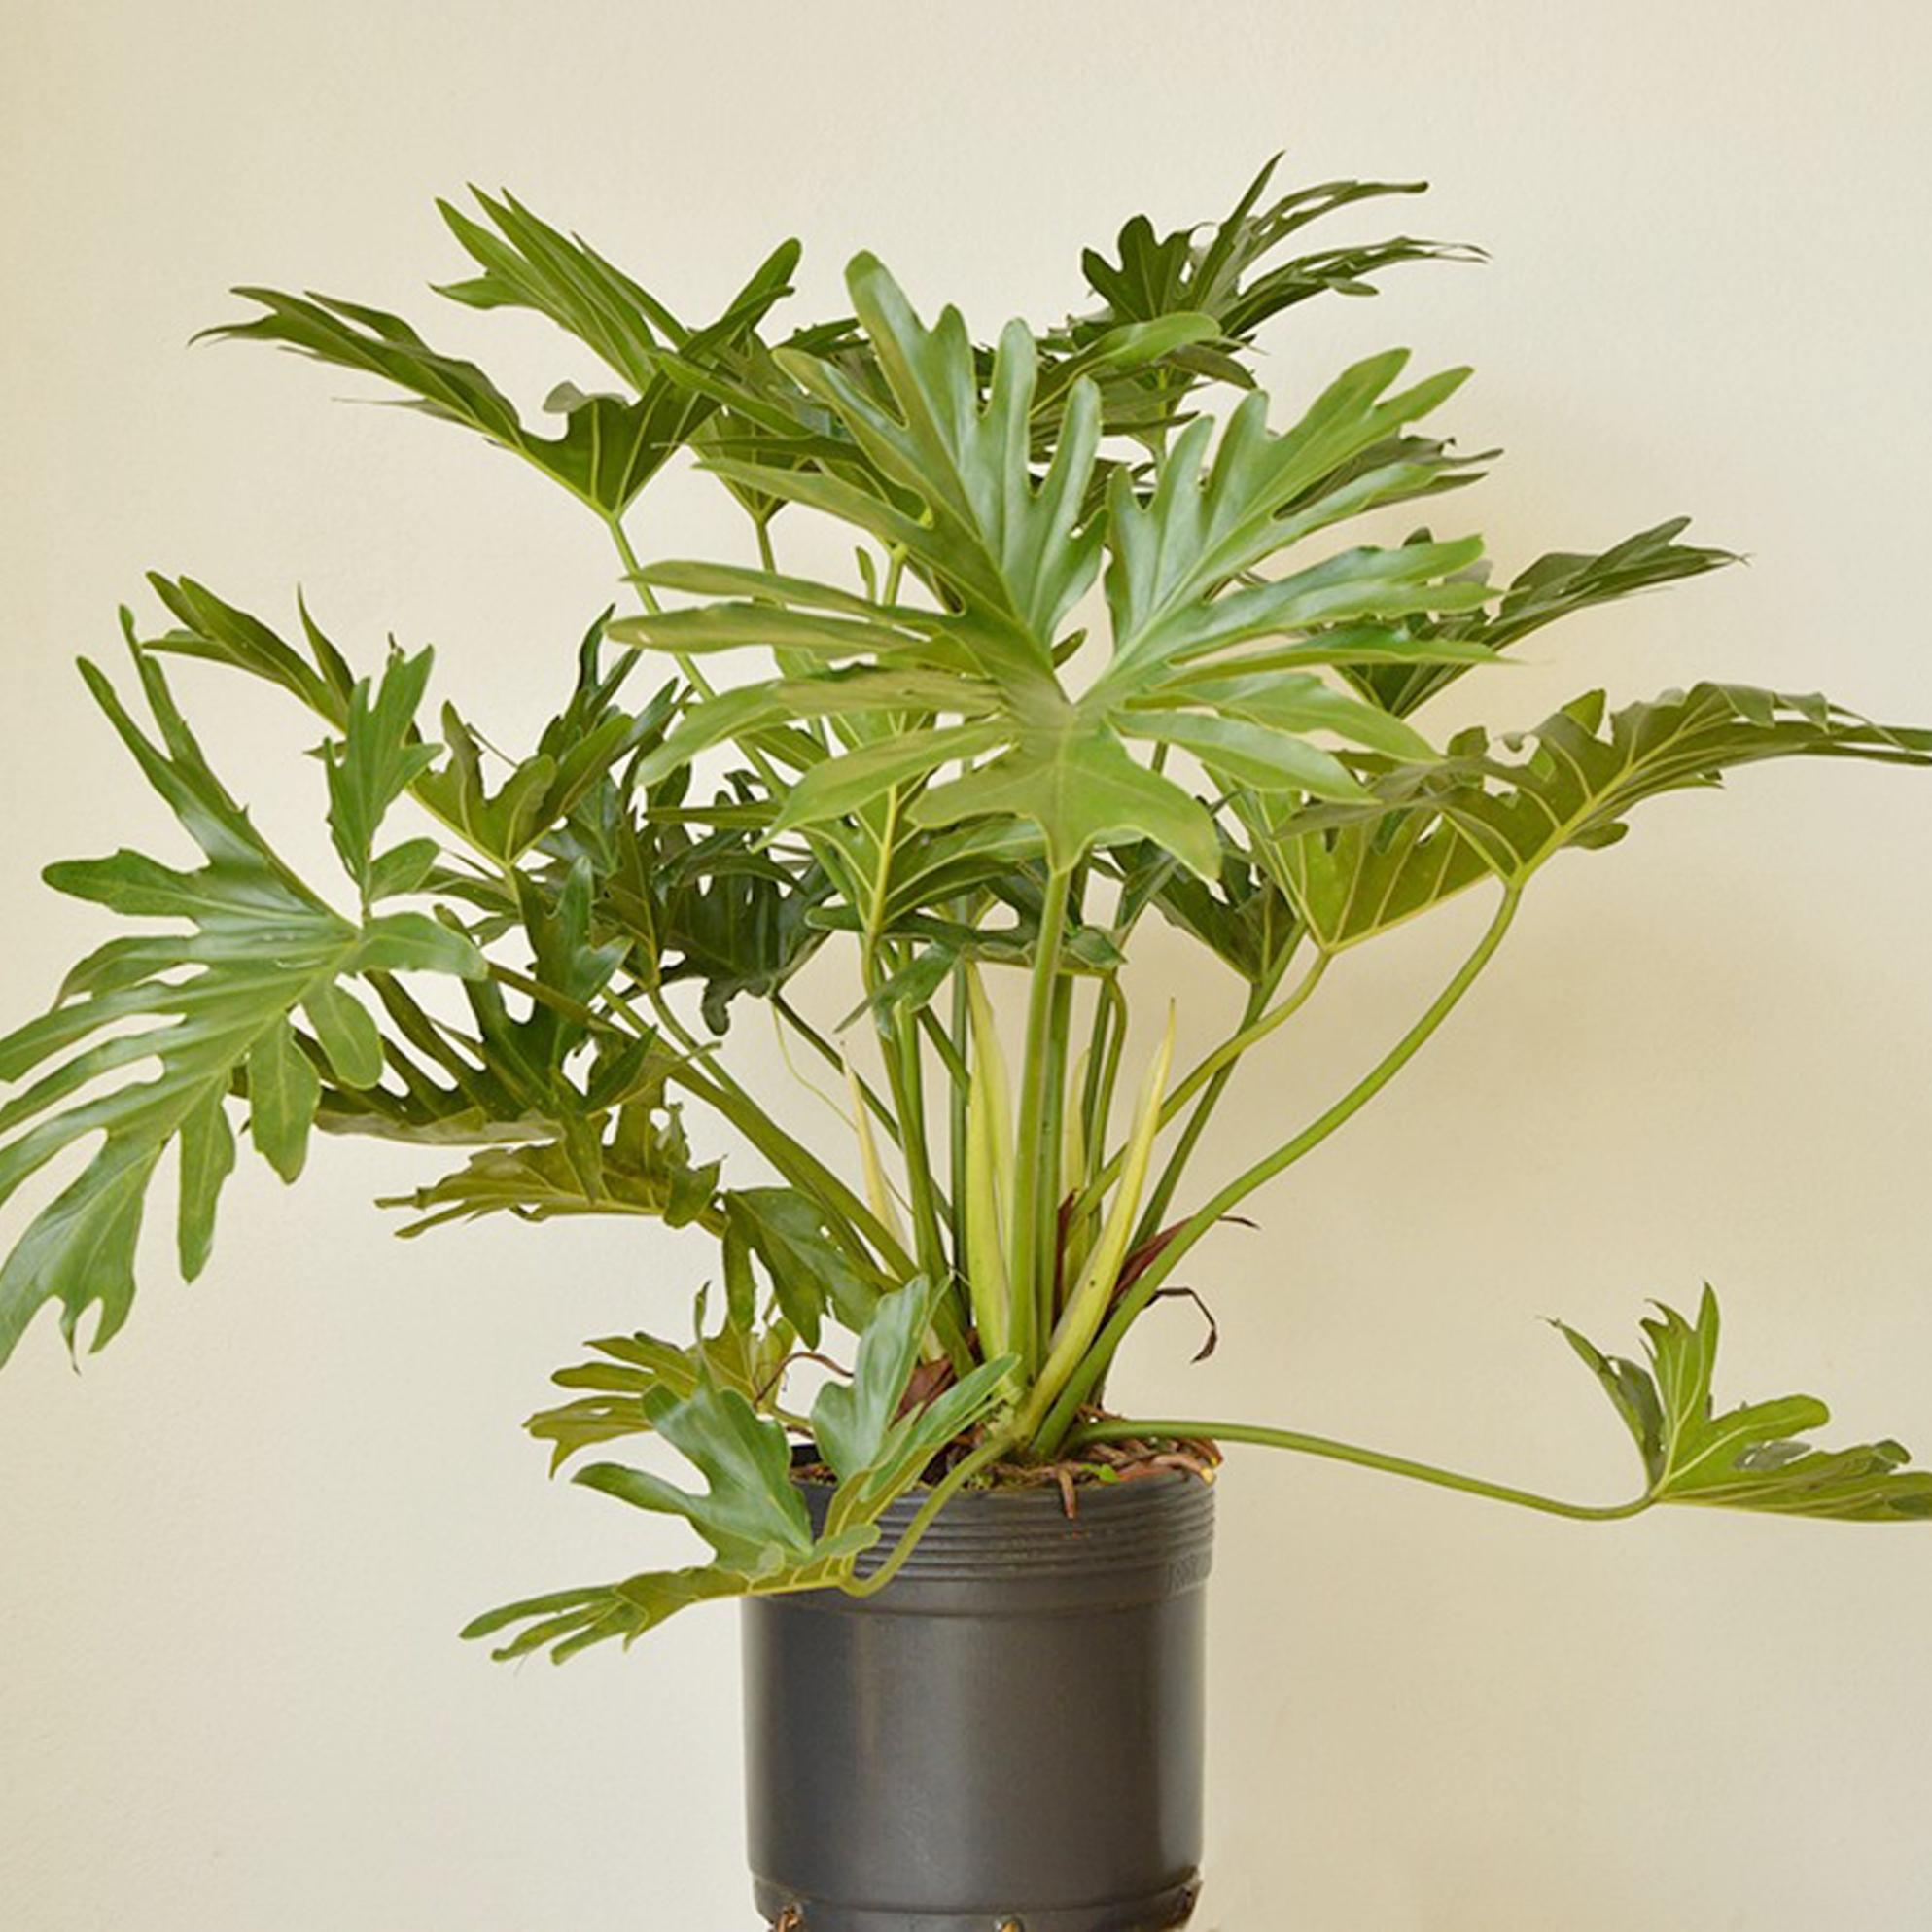 Philodendron bipinnatifidium -